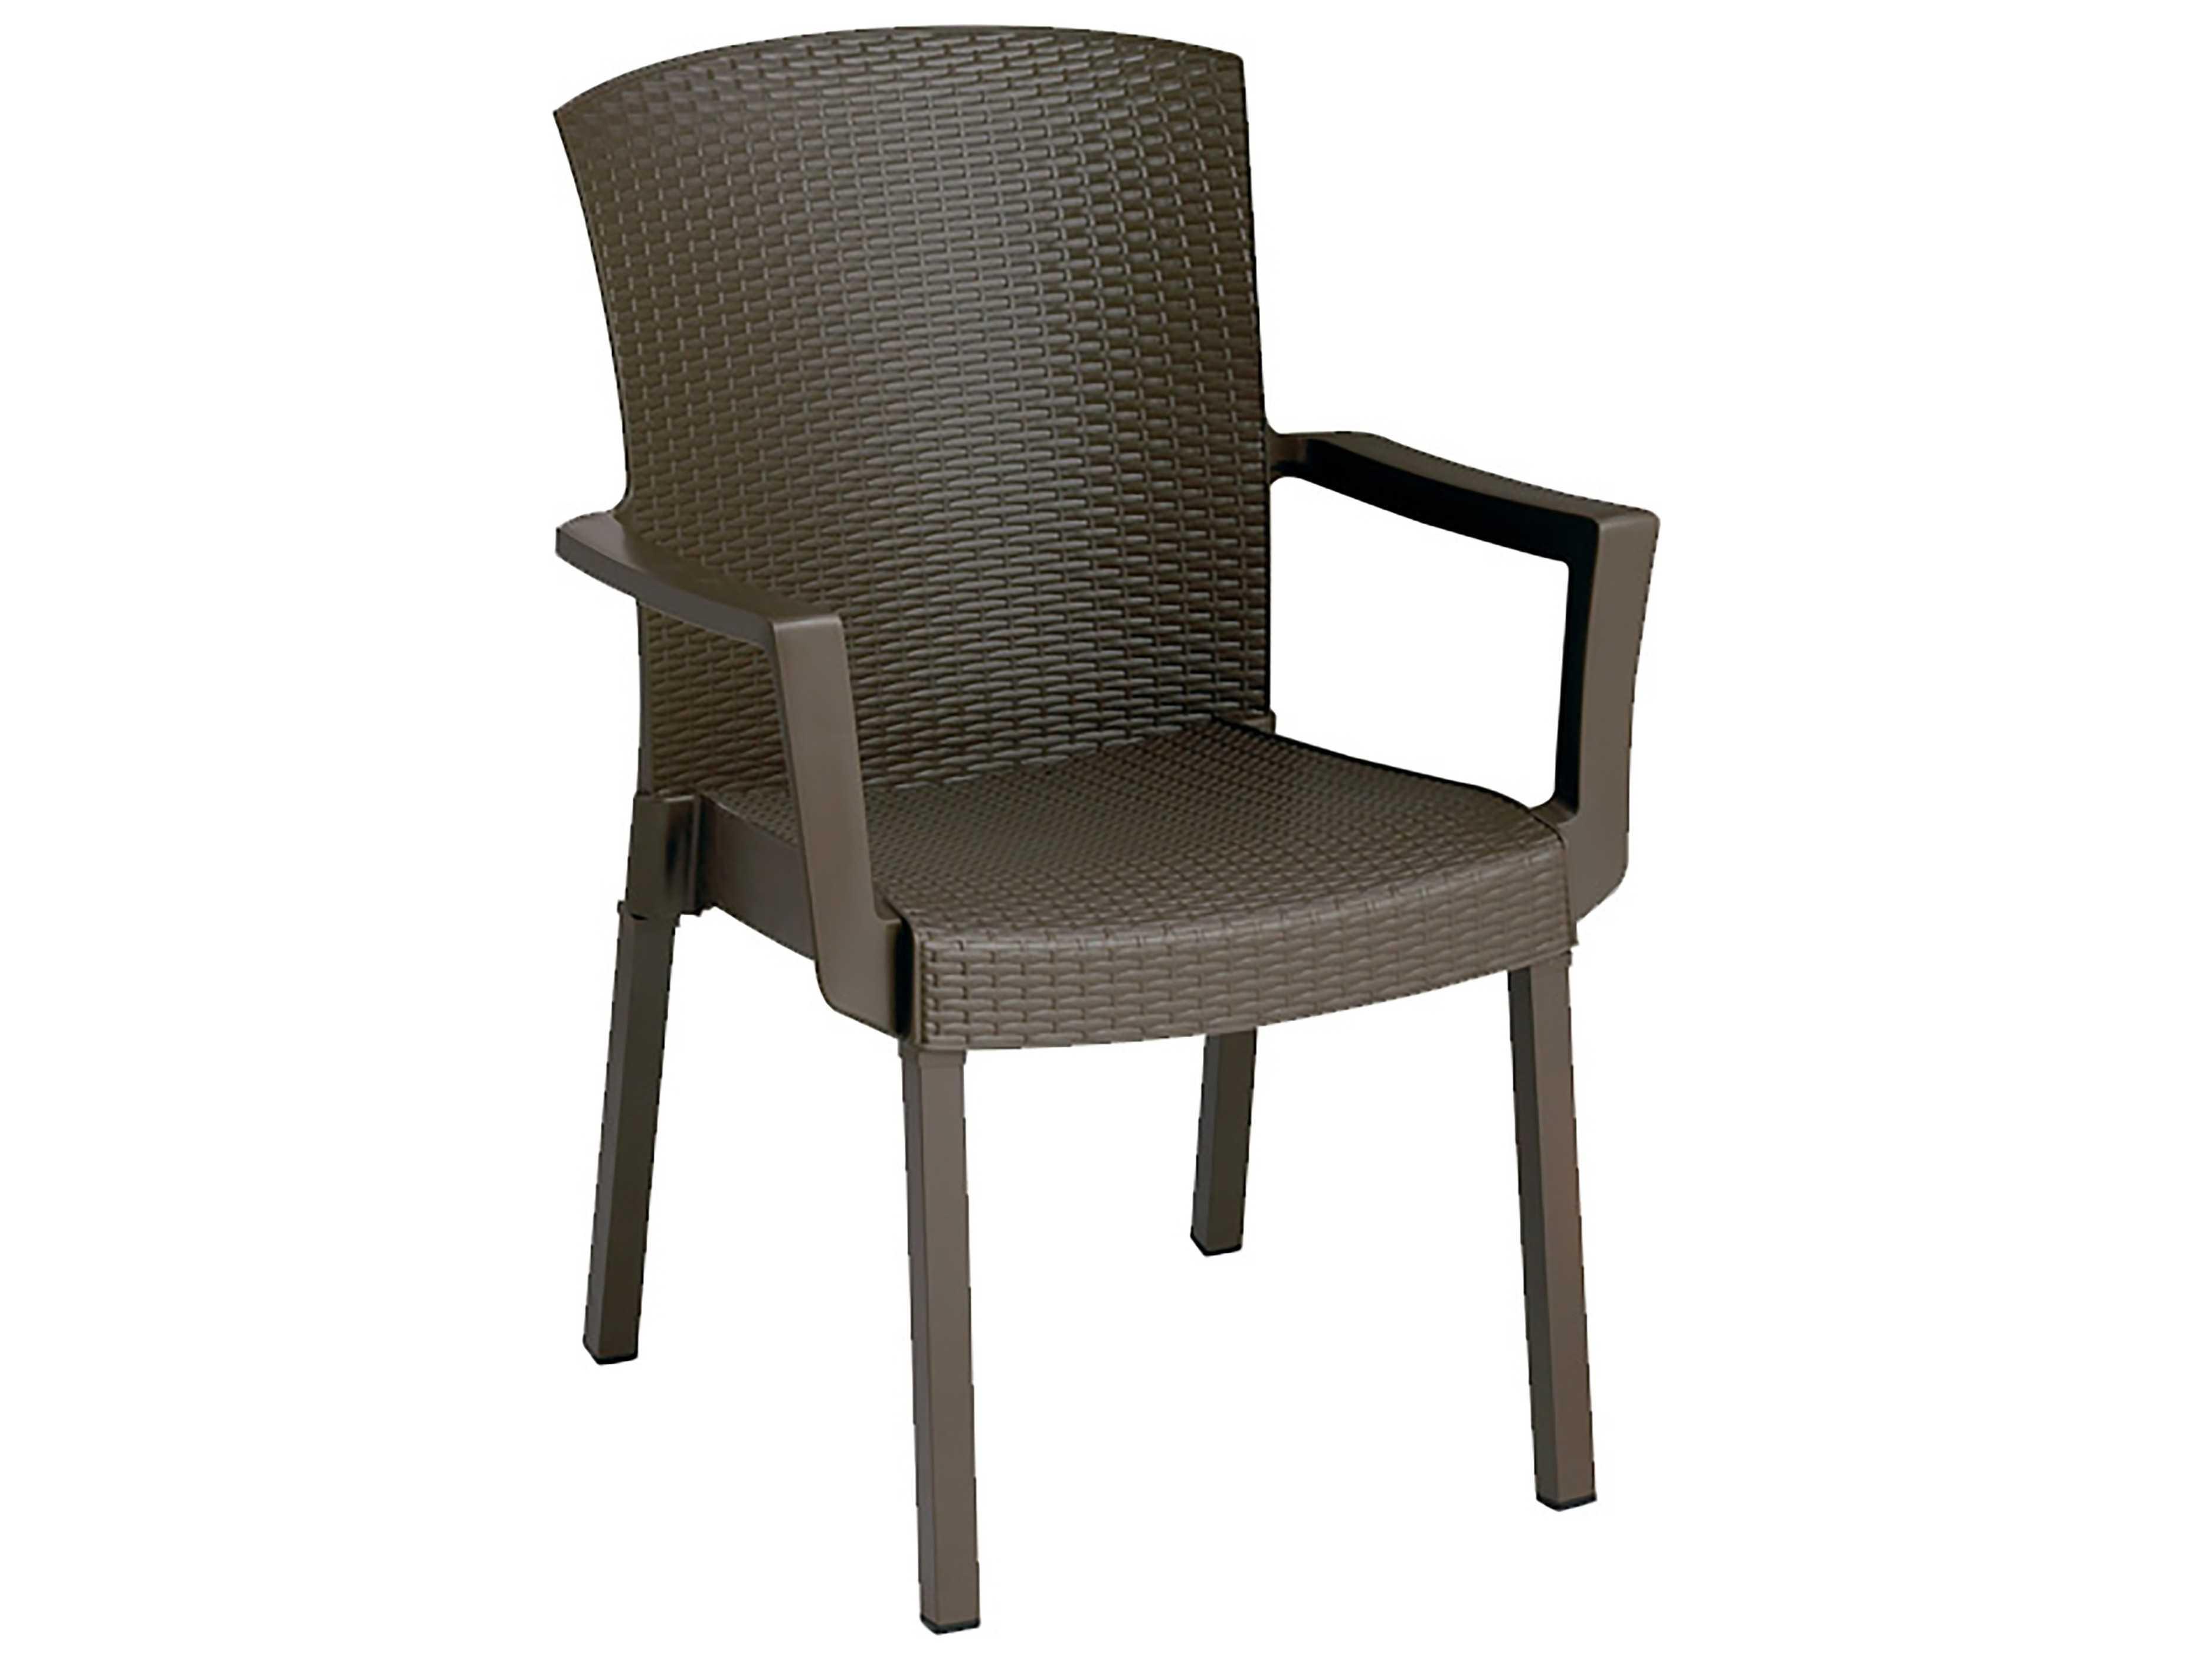 Grosfillex Atlantic Patio Furniture